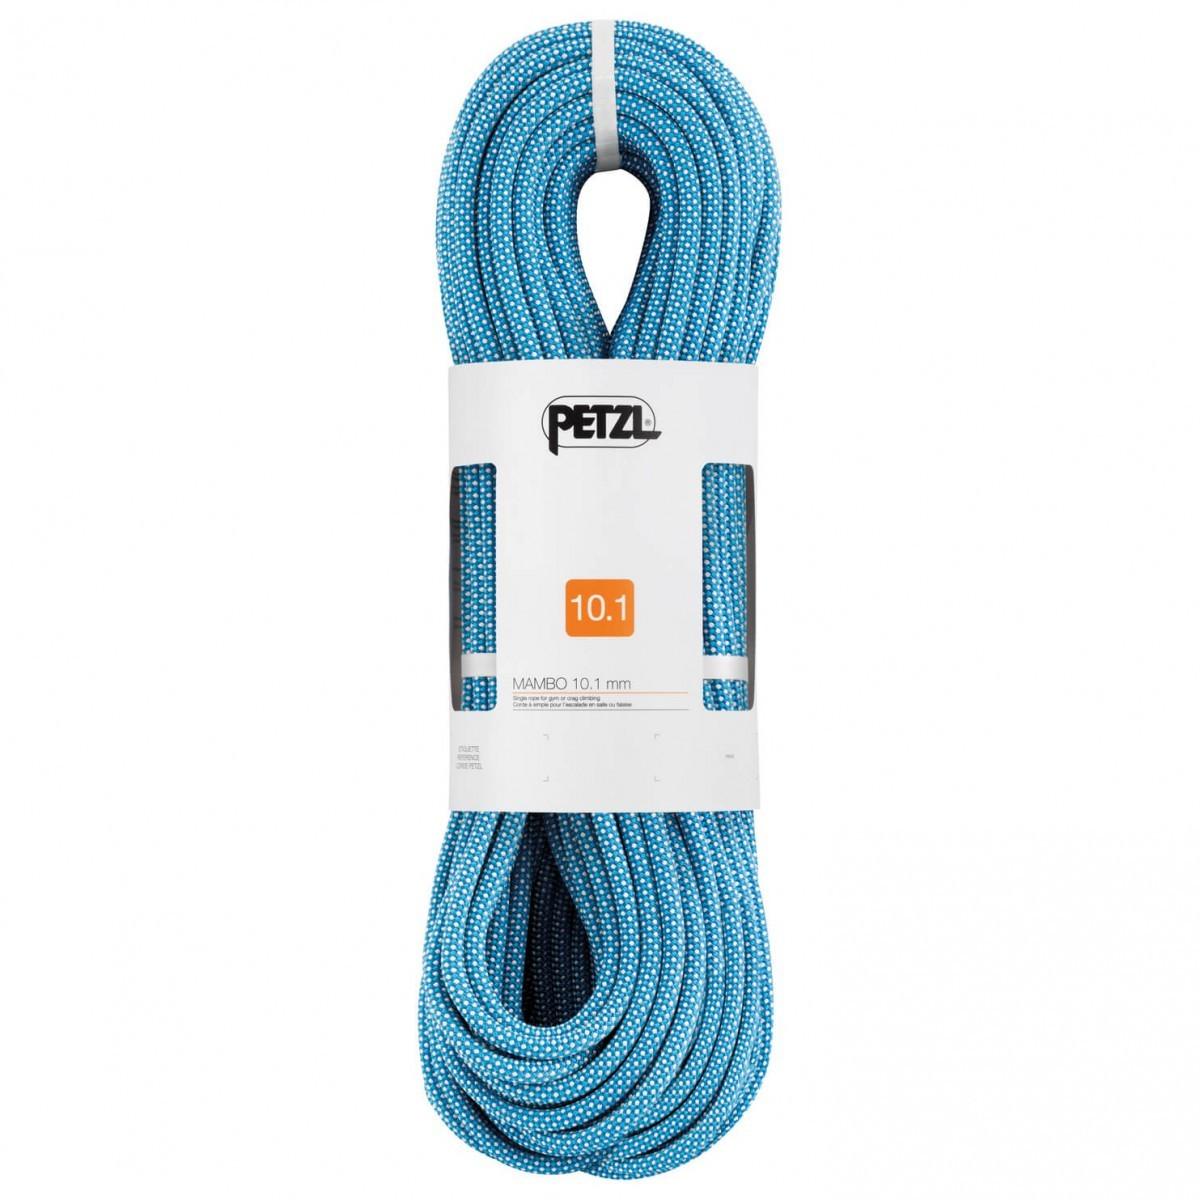 PETZL ペツル Mambo 10.1(50m - Blue)★ロープ・ザイル・登山・クライミング★